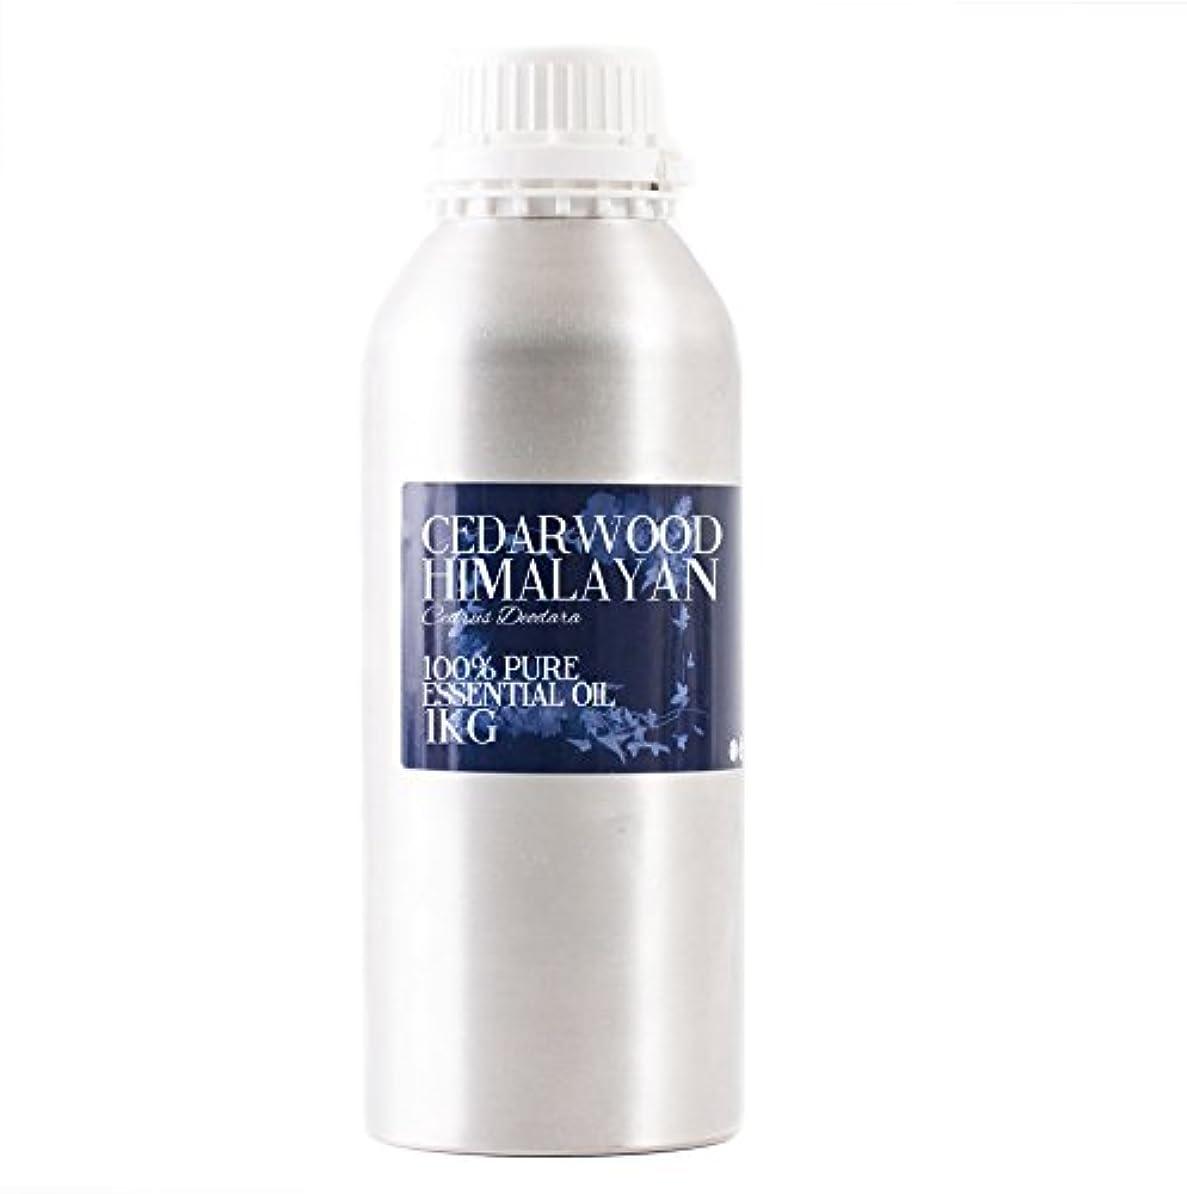 お香トランスペアレント普遍的なMystic Moments | Cedarwood Himalayan Essential Oil - 1Kg - 100% Pure